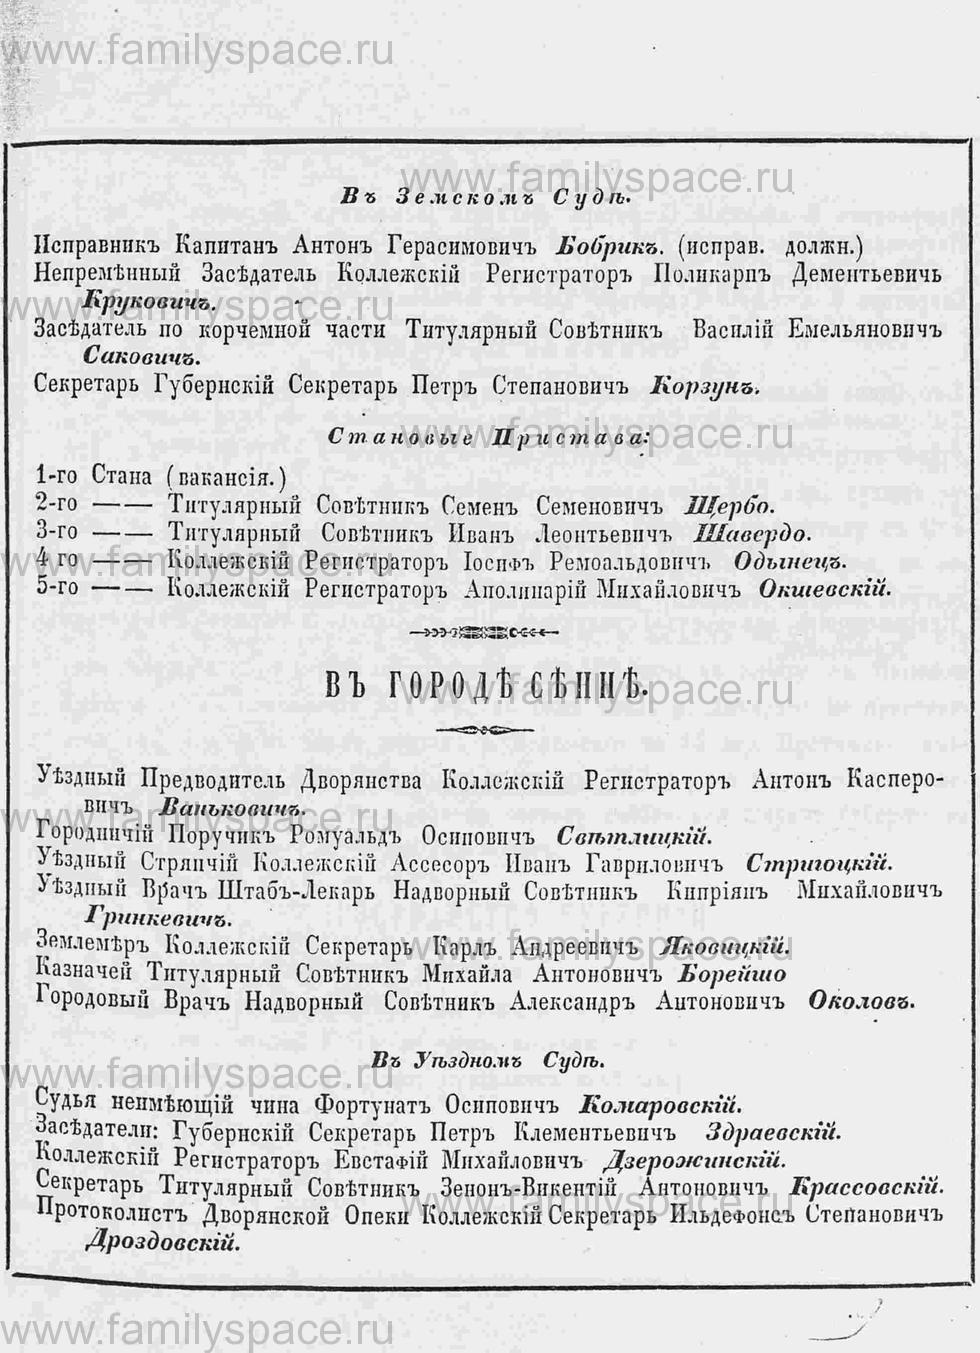 Поиск по фамилии - Памятная книга за 1853 год по Могилёвской губернии, страница 21